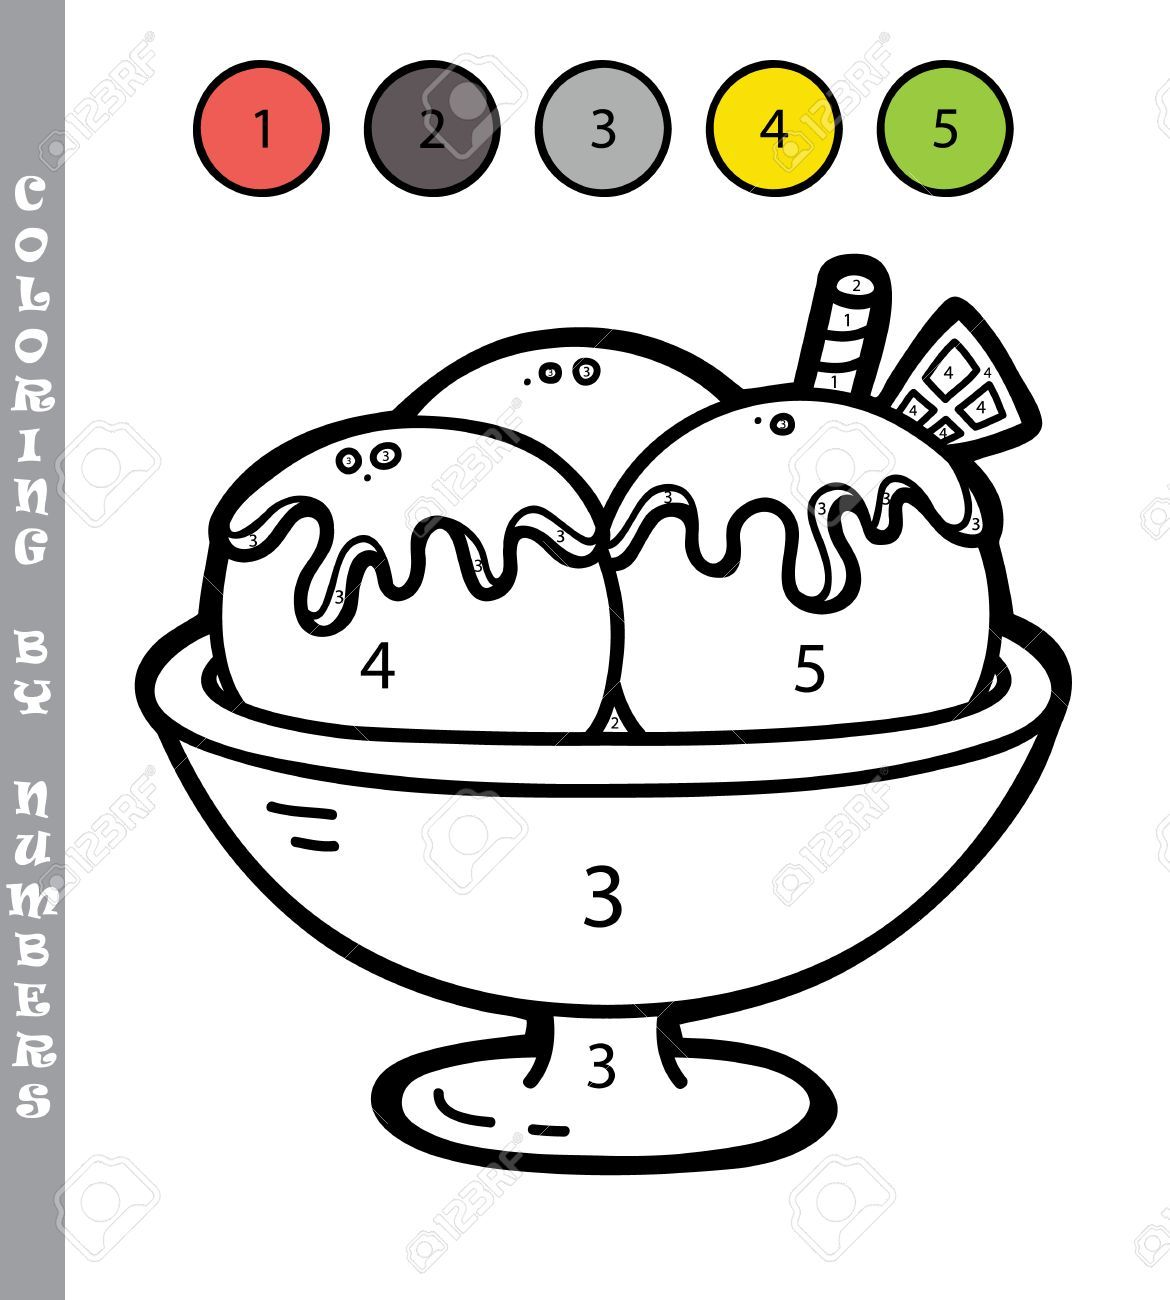 Stock Photo Colorear Por Numeros Dibujos Y Helado Dibujo